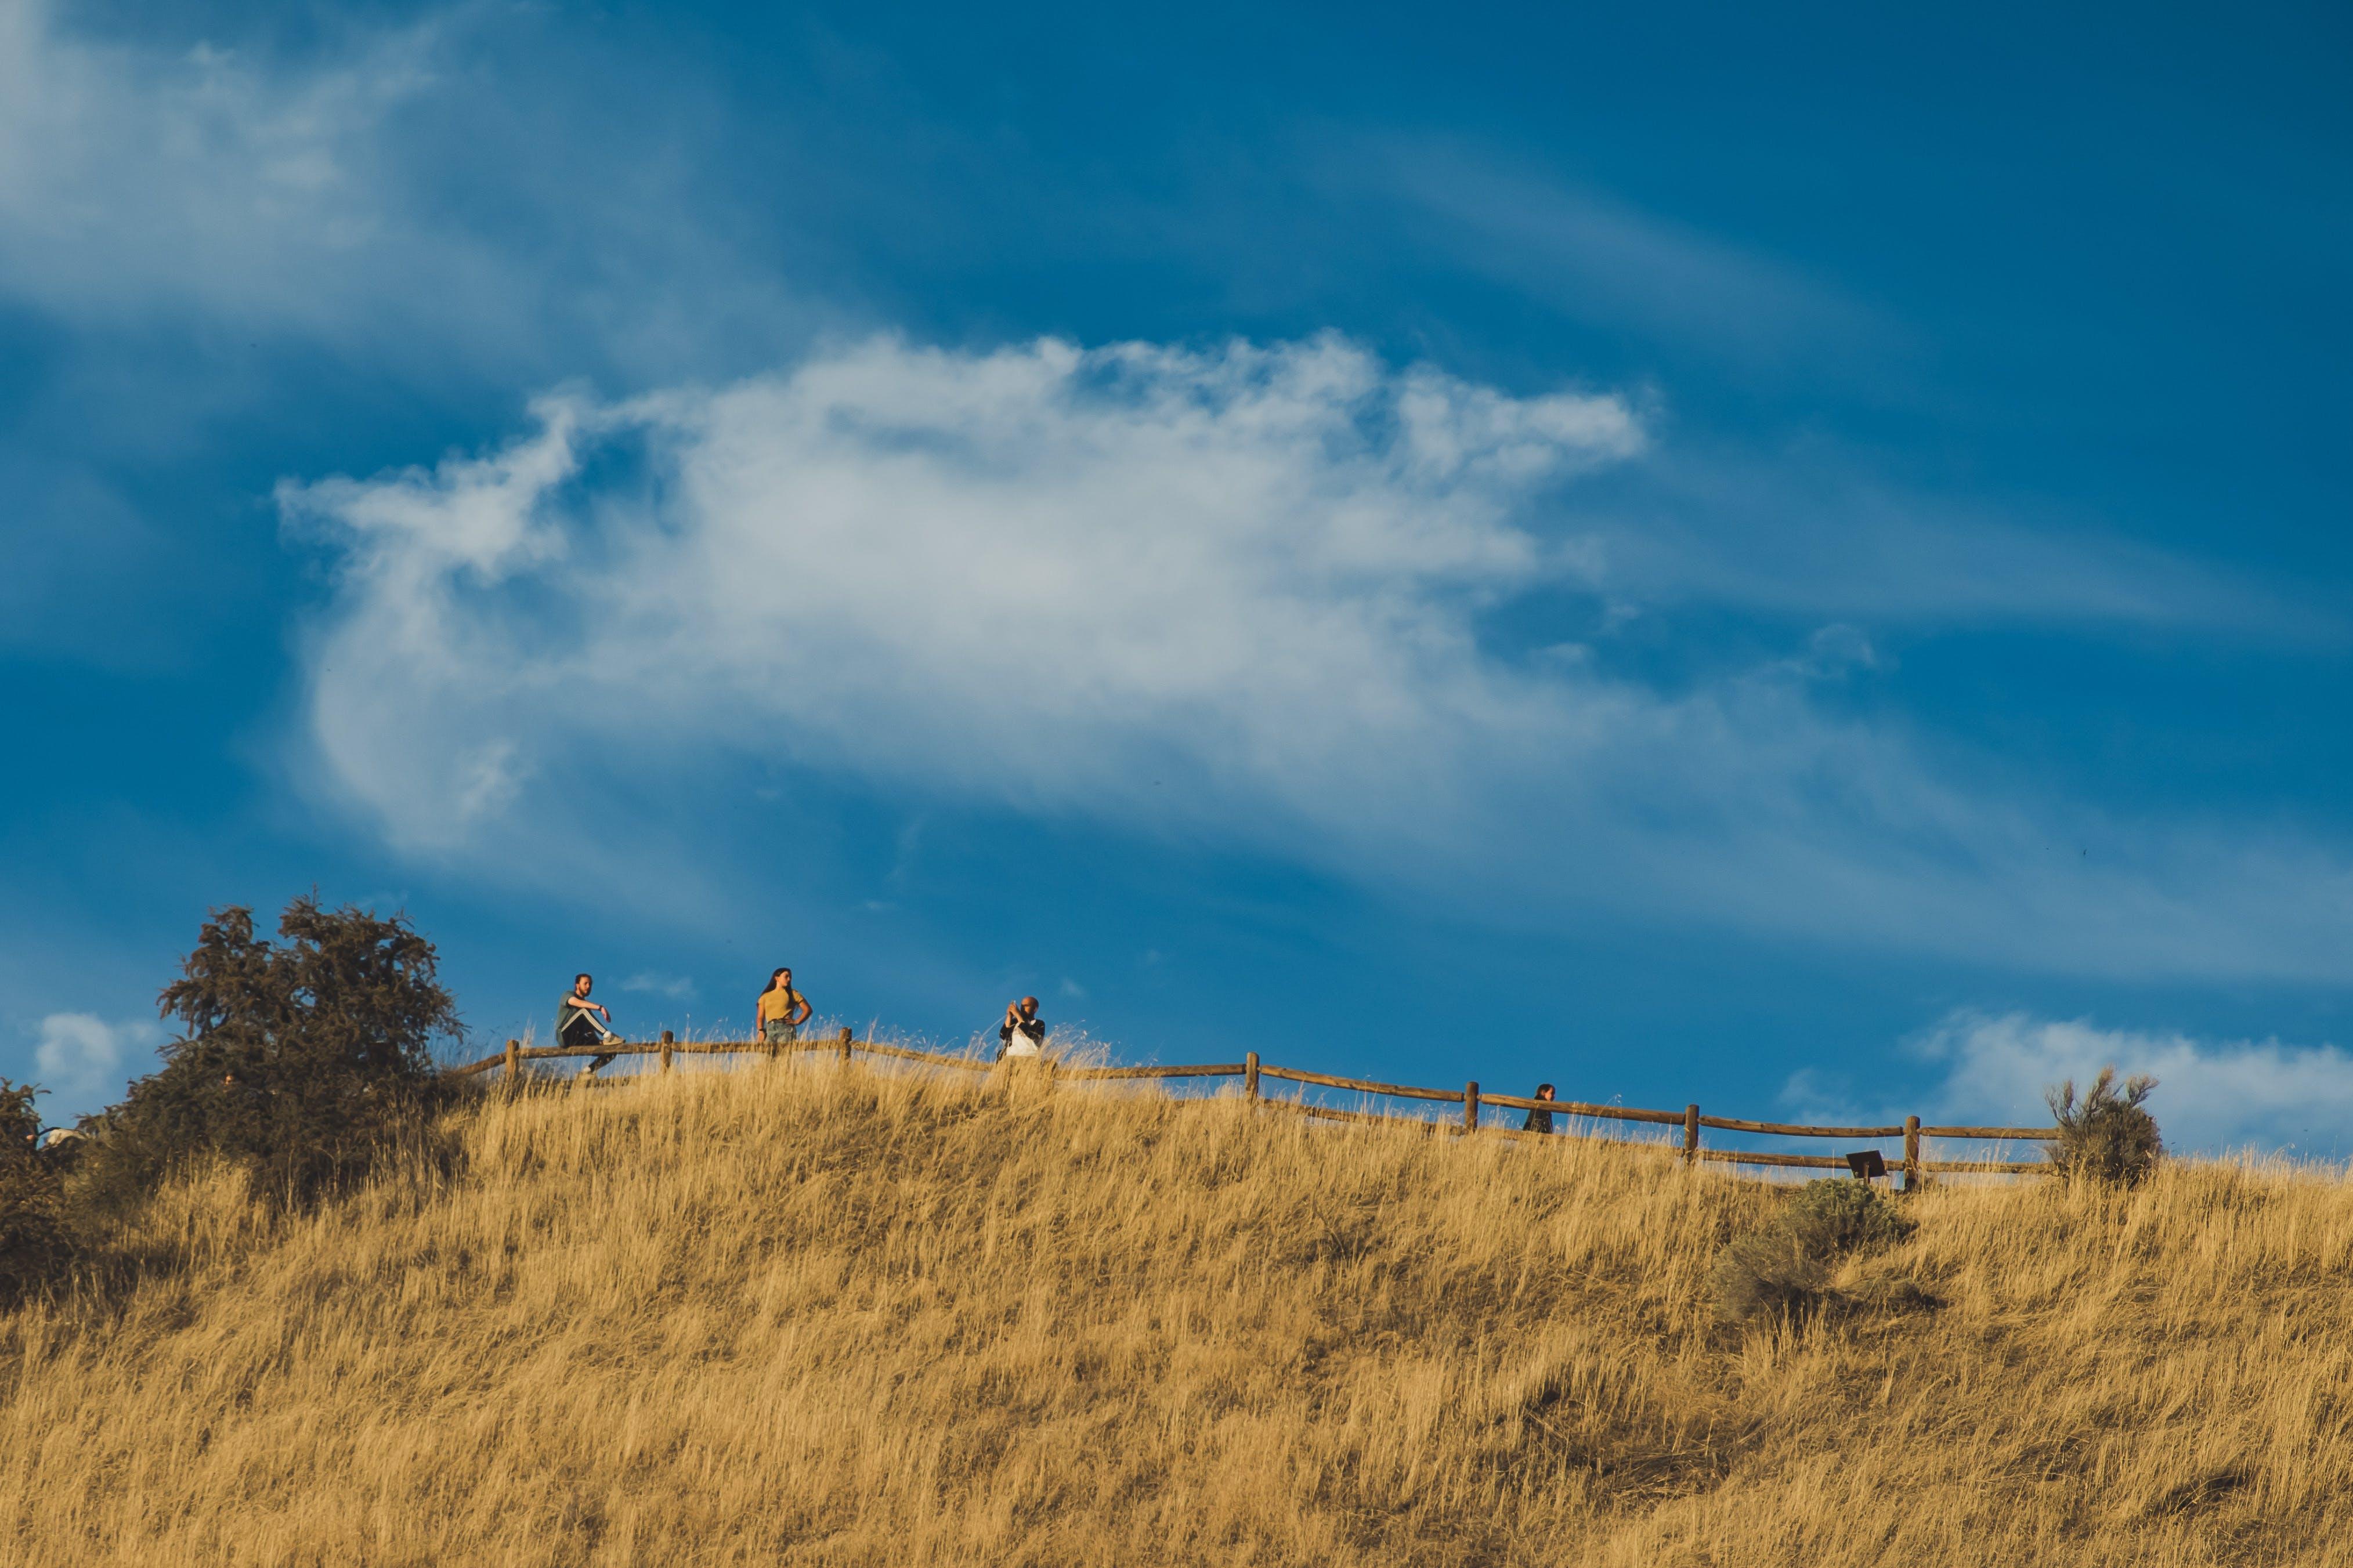 Безкоштовне стокове фото на тему «Денне світло, дерево, жаб'яча перспектива, Захід сонця»